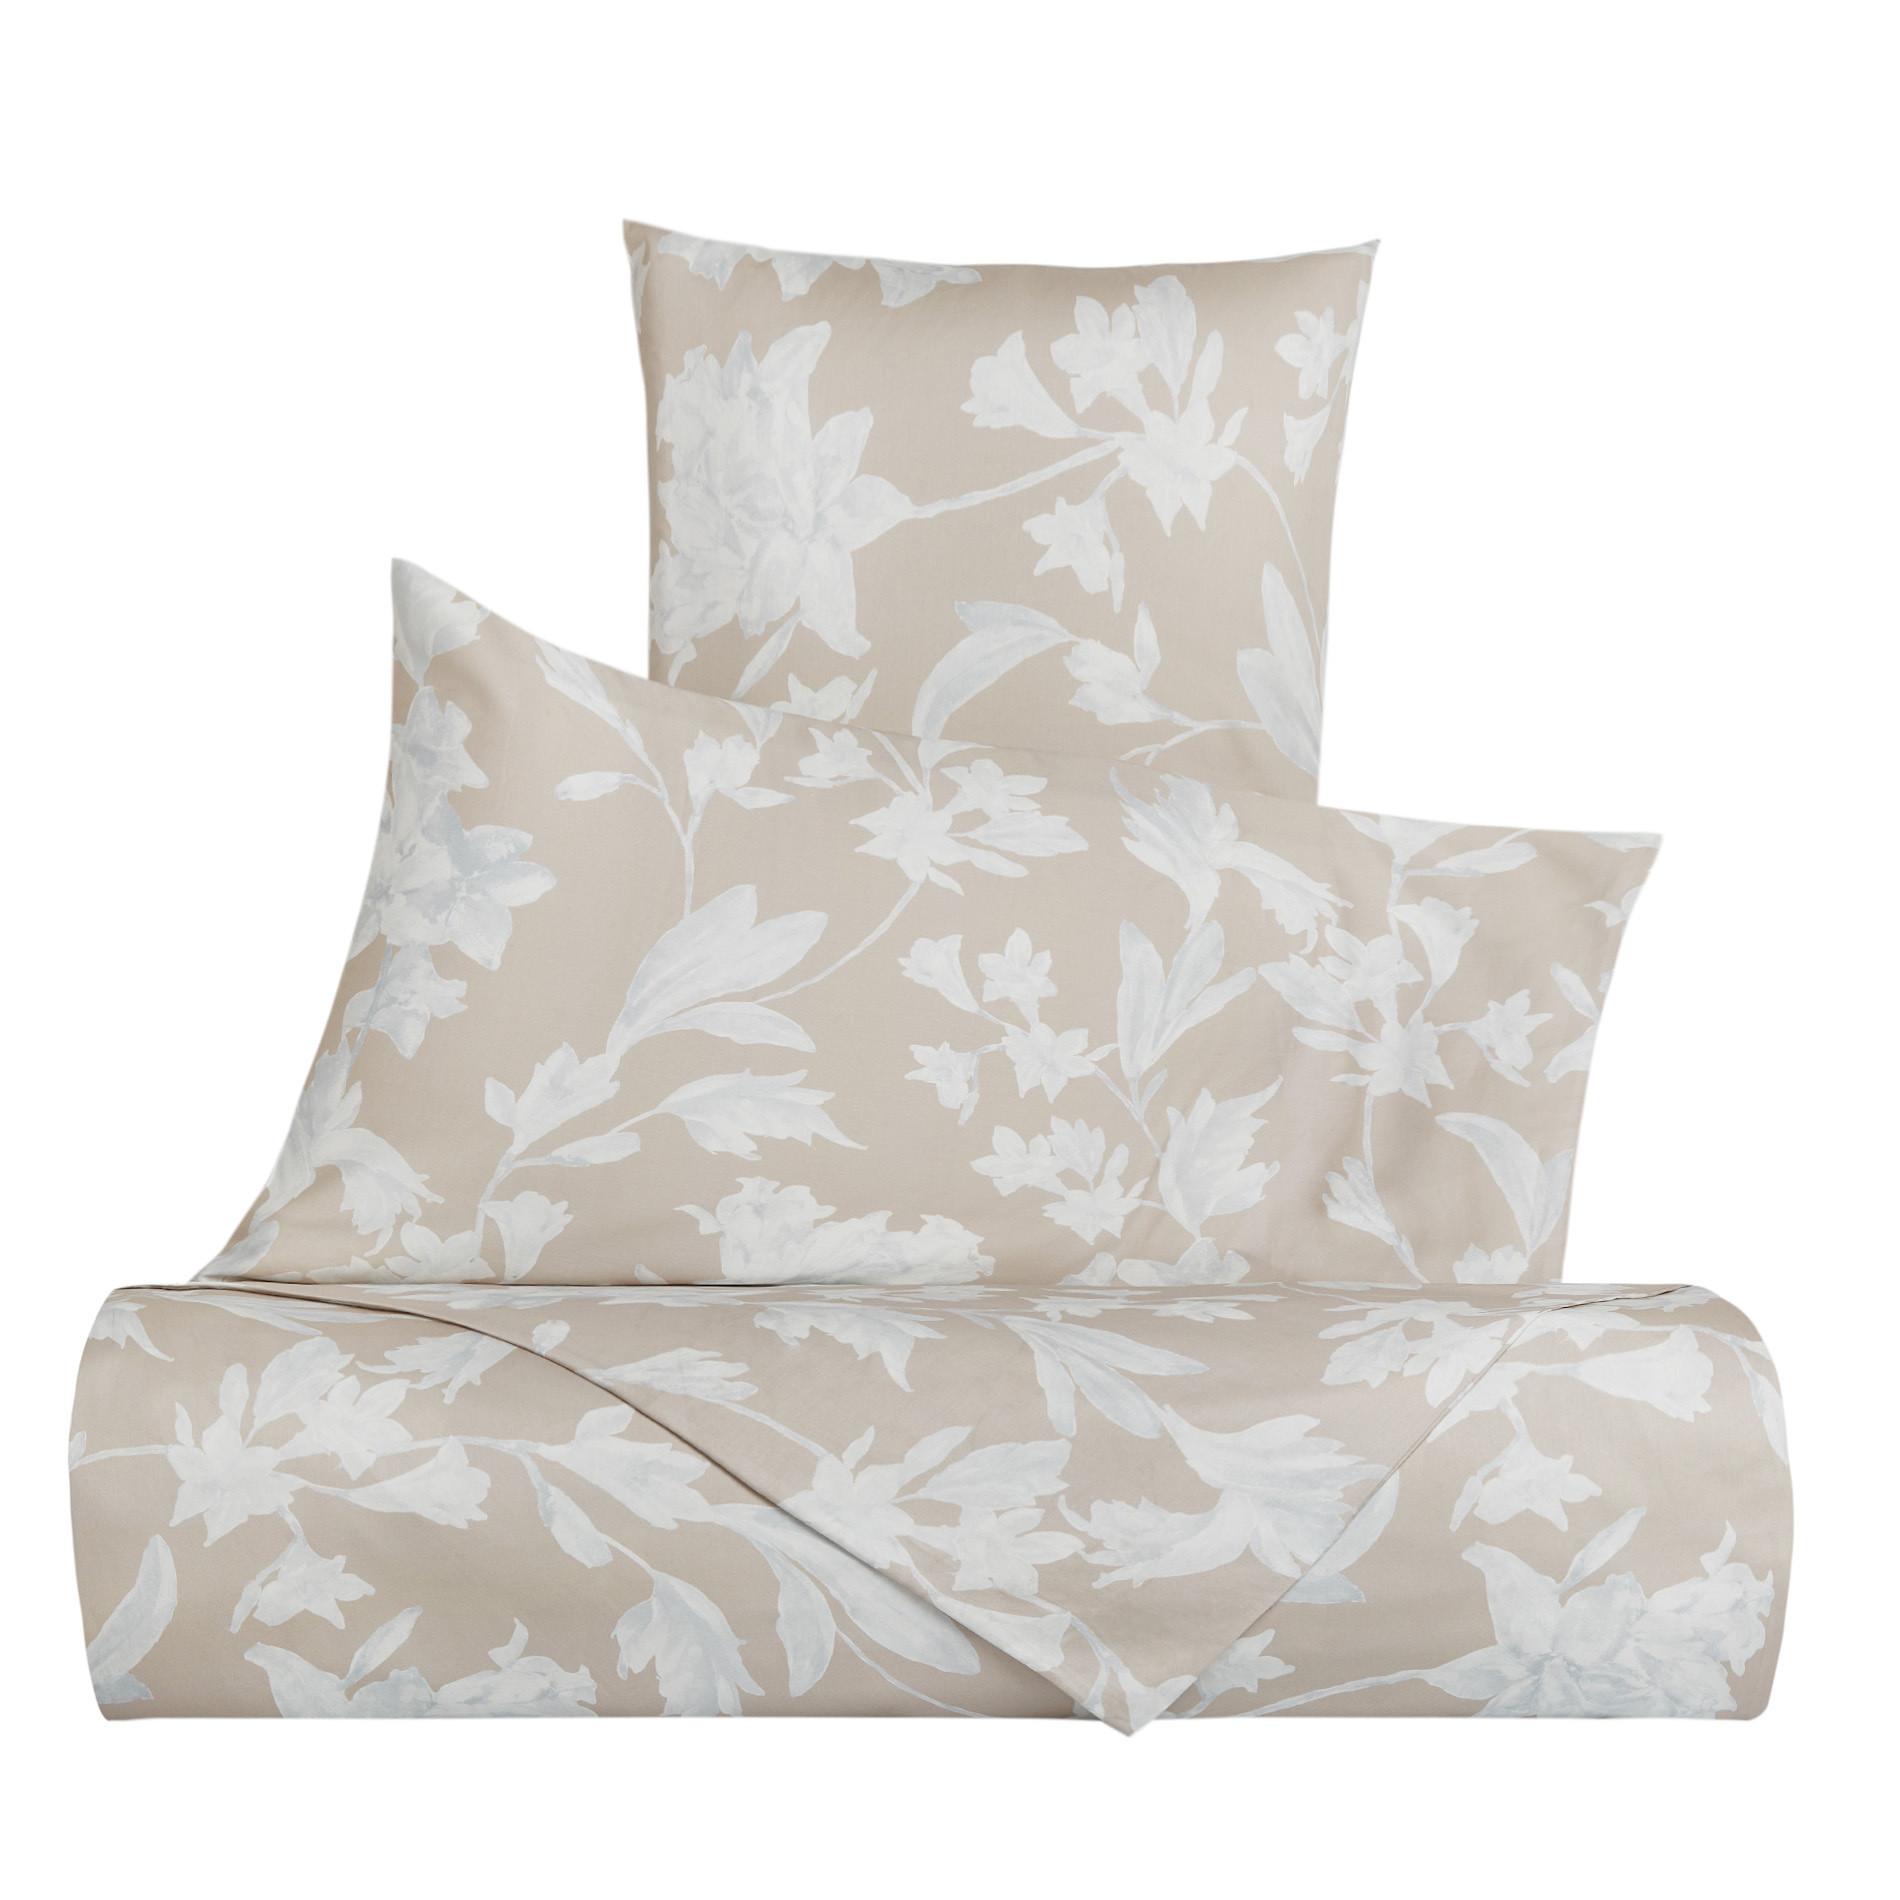 Copripiumino raso di cotone motivo floreale Portofino, Beige, large image number 0